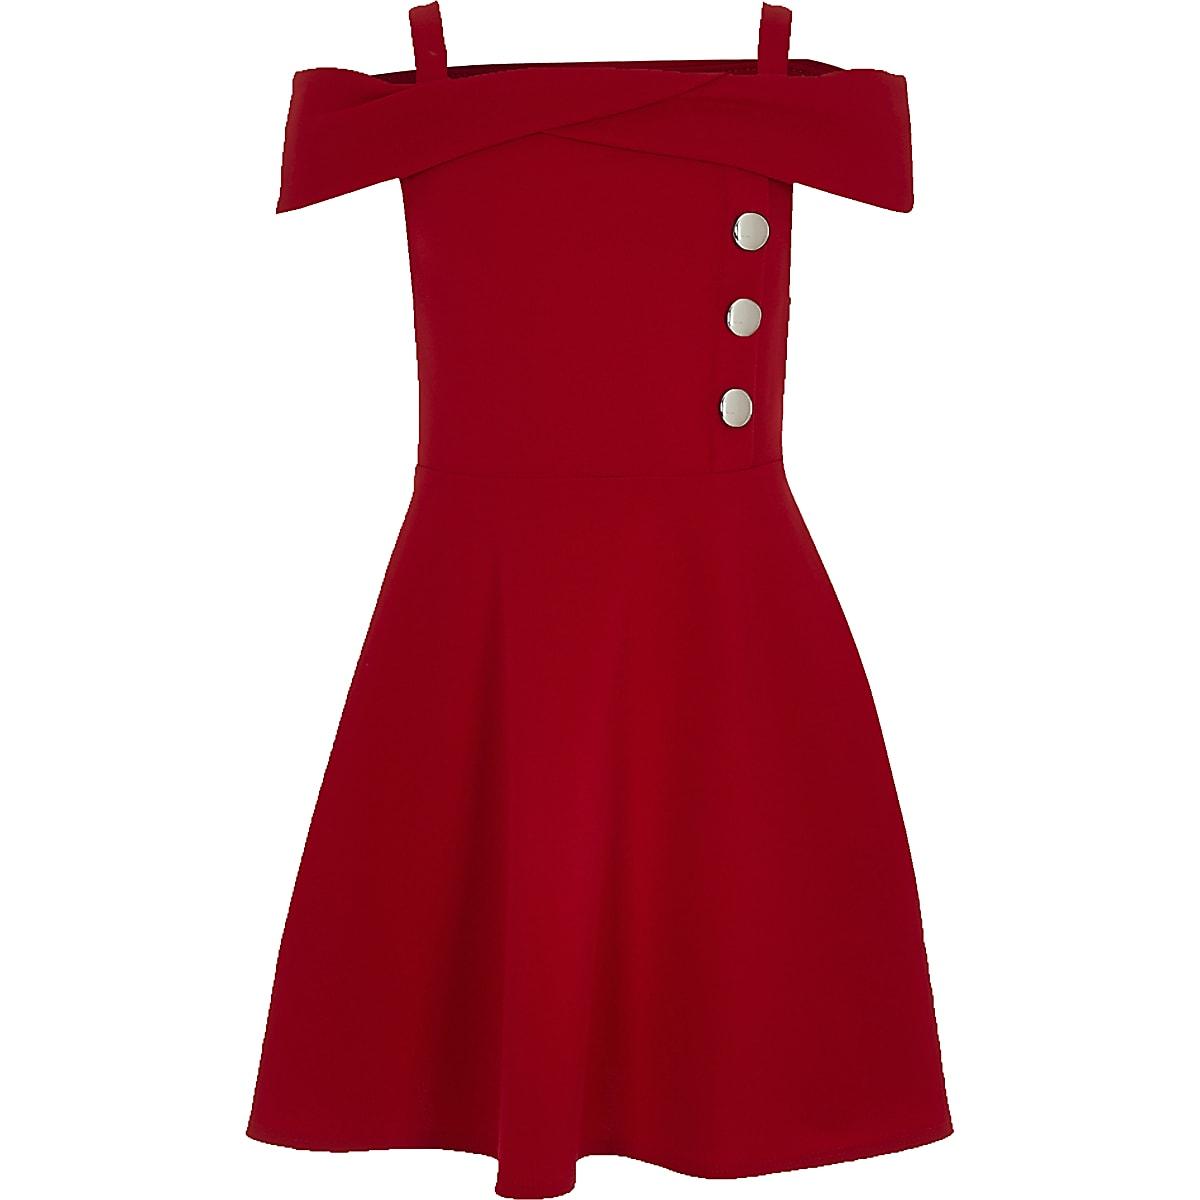 Girls red bardot button dress